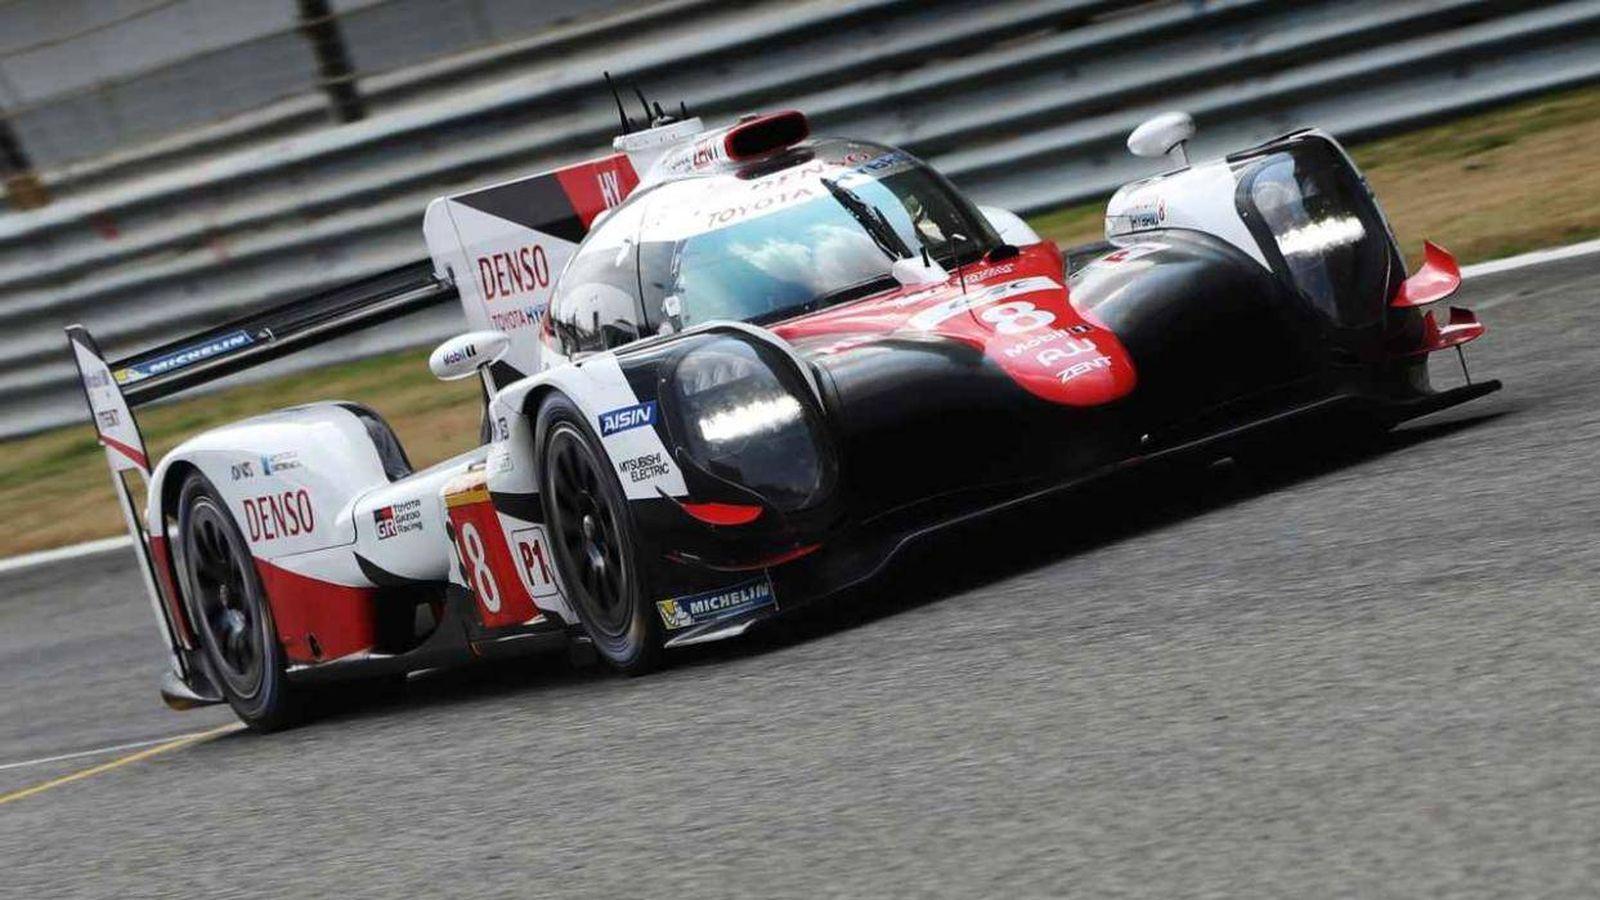 Foto: Fernando Alonso a los mandos del Toyota que pilotará en las 24 Horas de Le Mans. (Toyota Gazoo Racing)